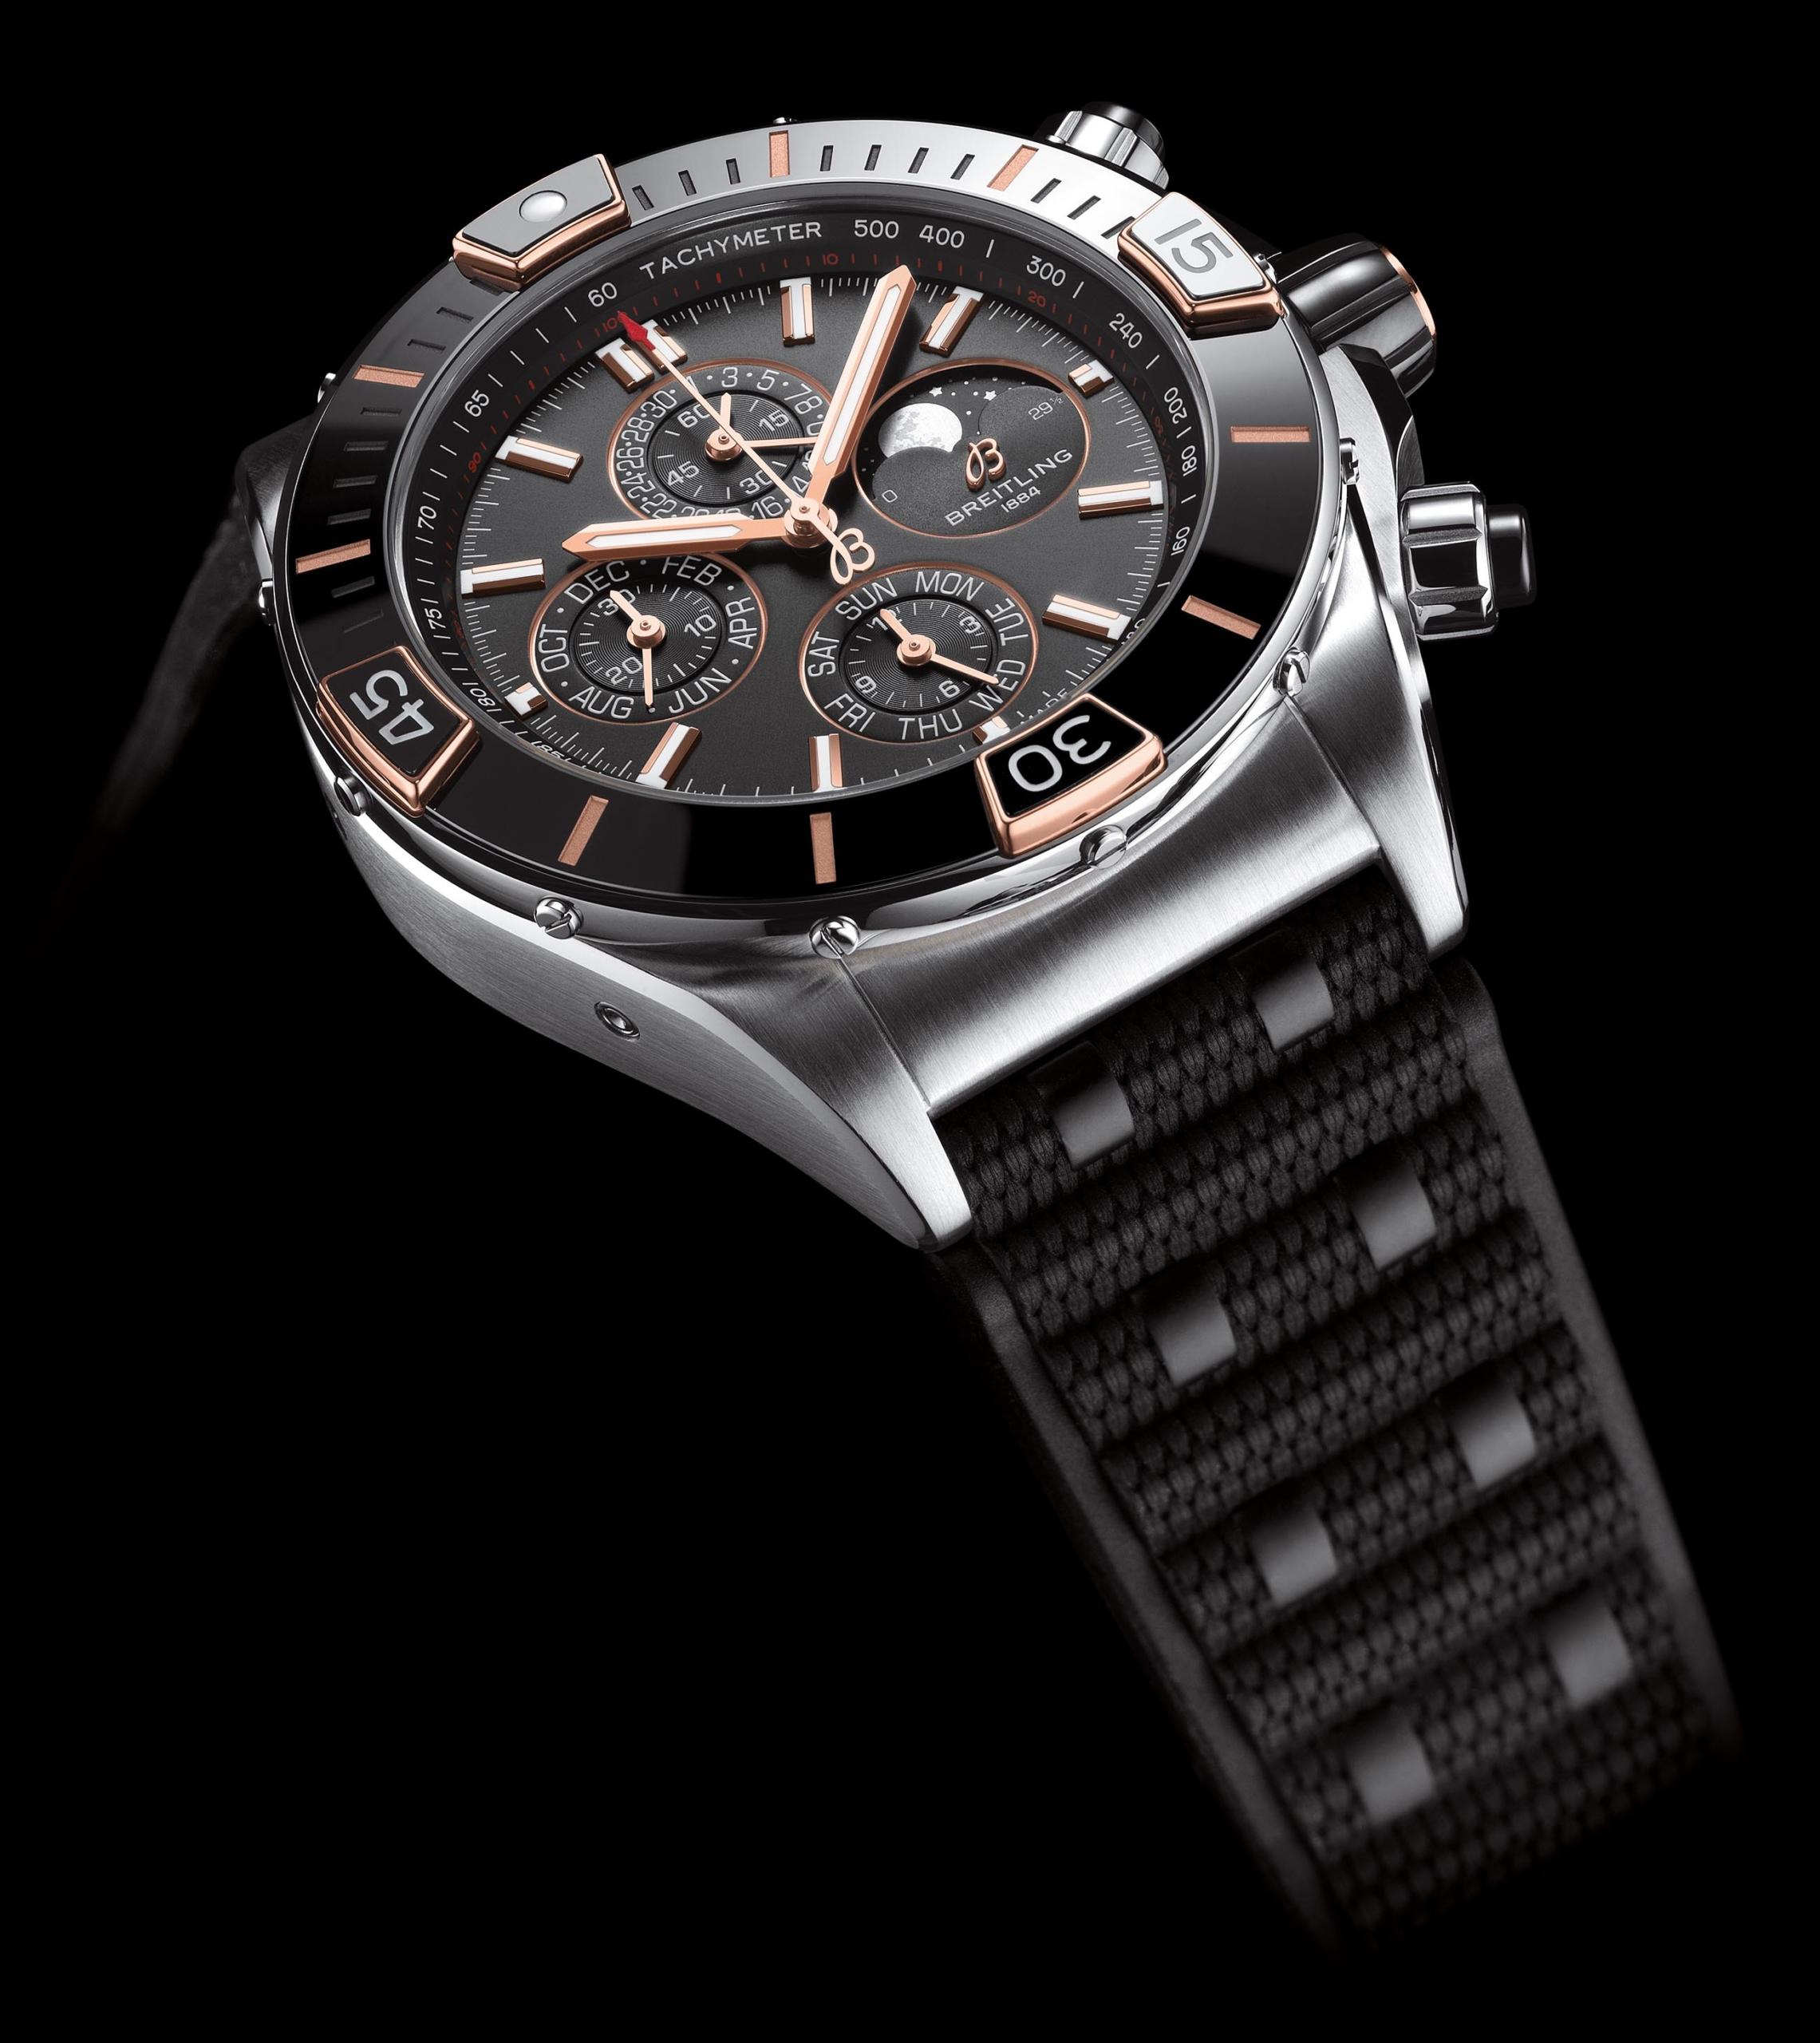 Breitling Super Chronomat